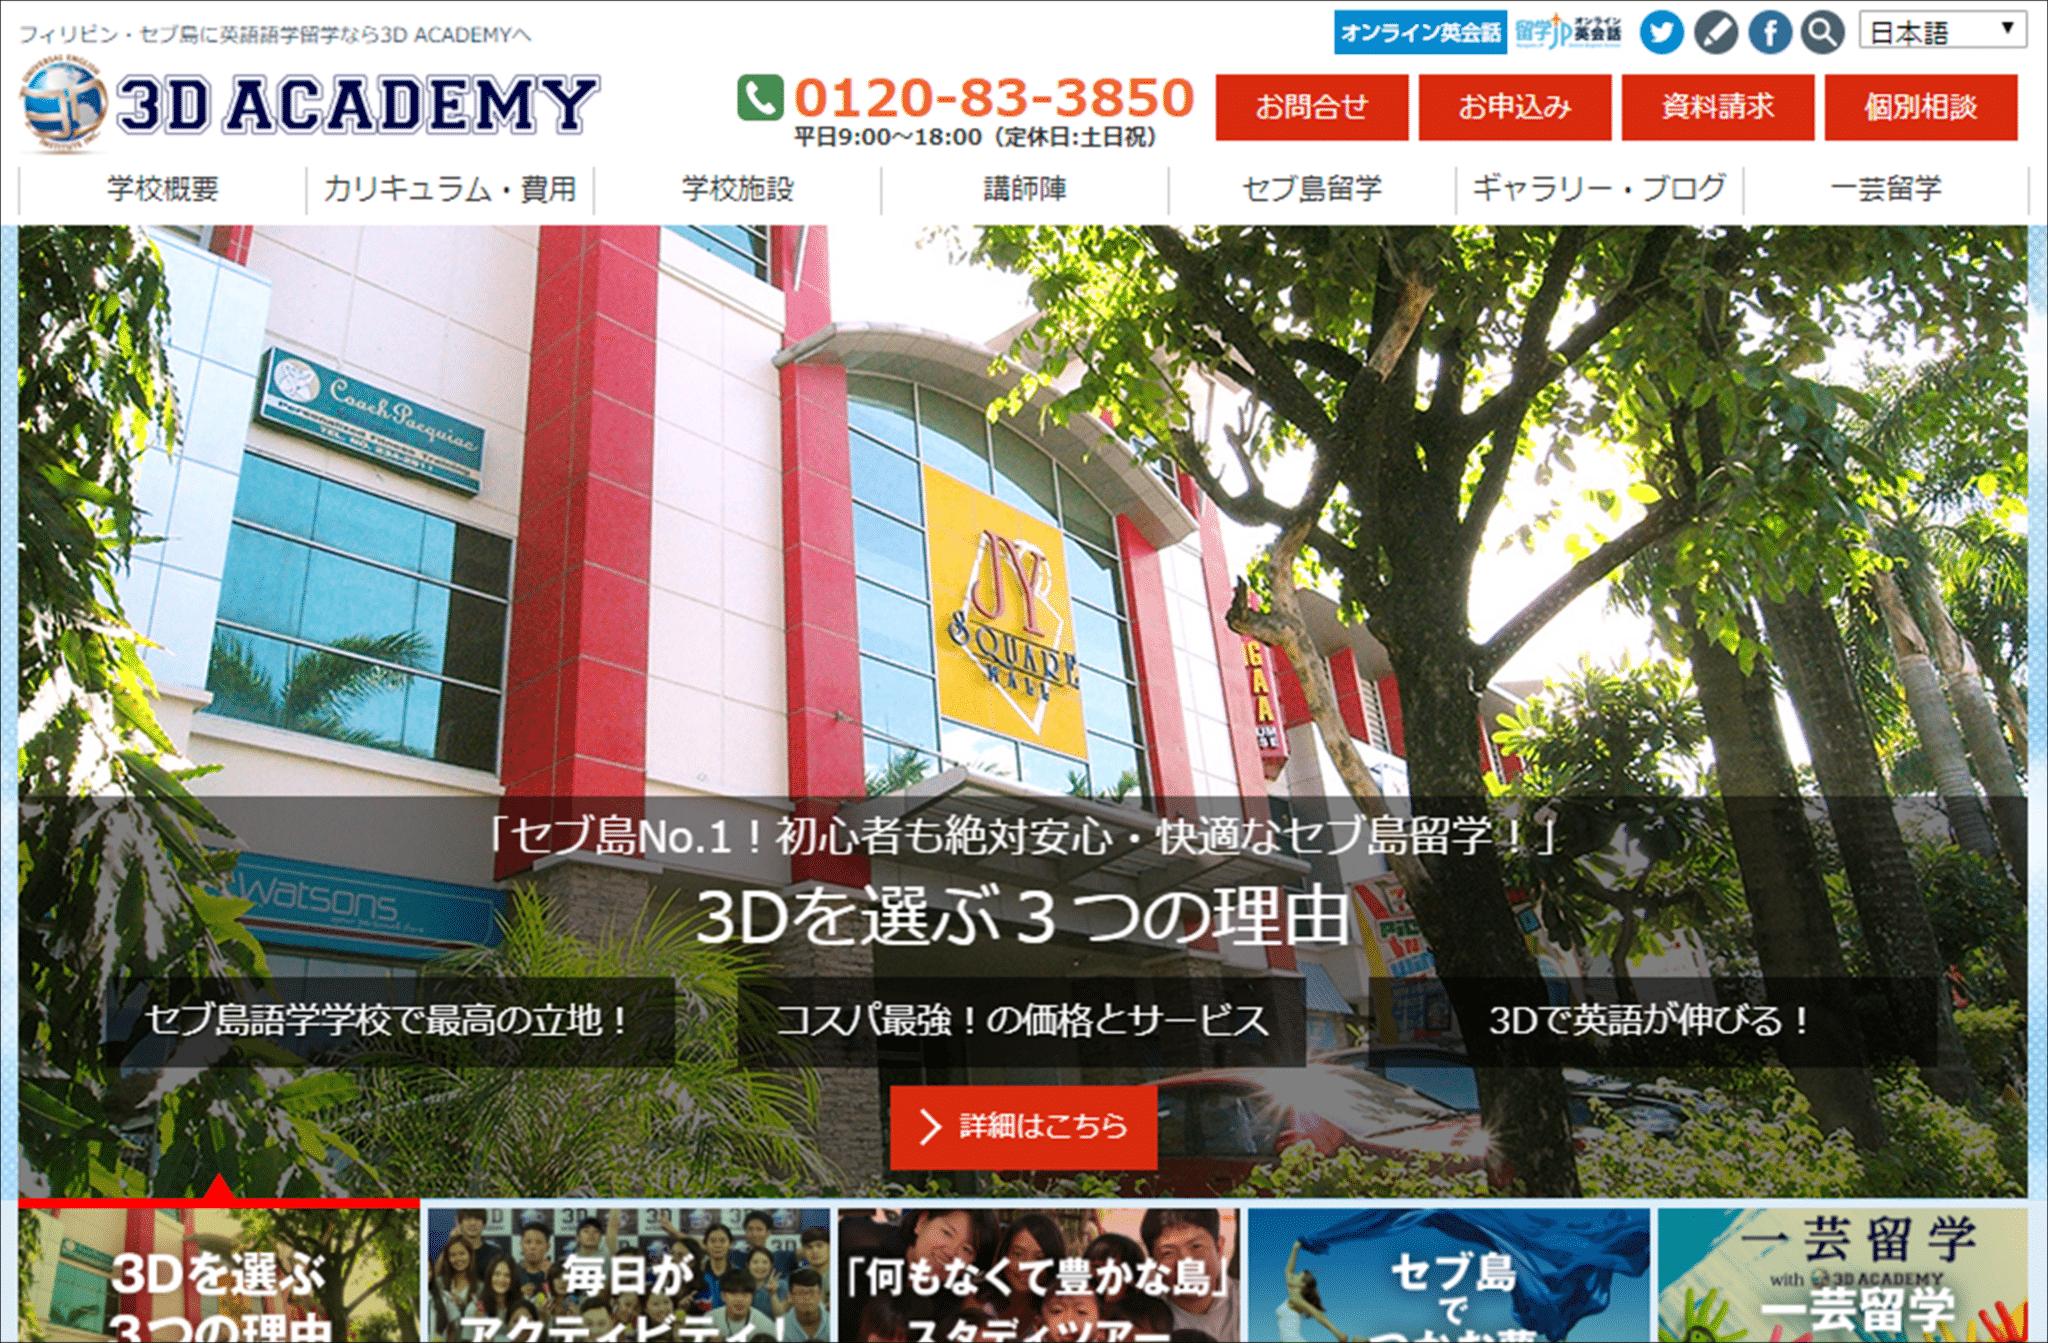 フィリピン留学の格安校:<8位タイ>3D ACADEMY(セブ)